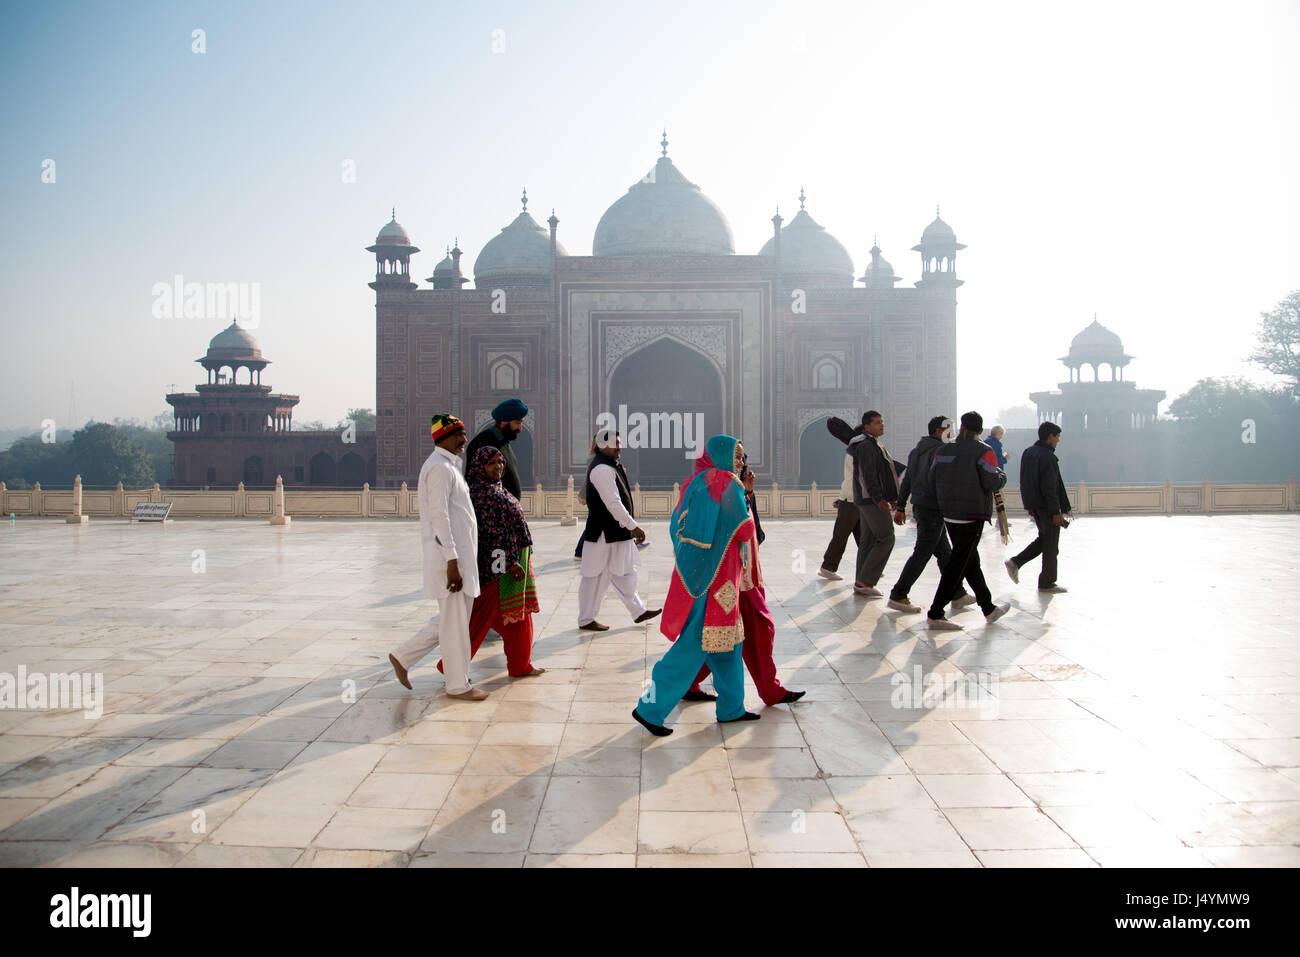 Gruppe von Touristen in bunte Kleidung am Taj Mahal in Agra, Indien Komplex Stockbild